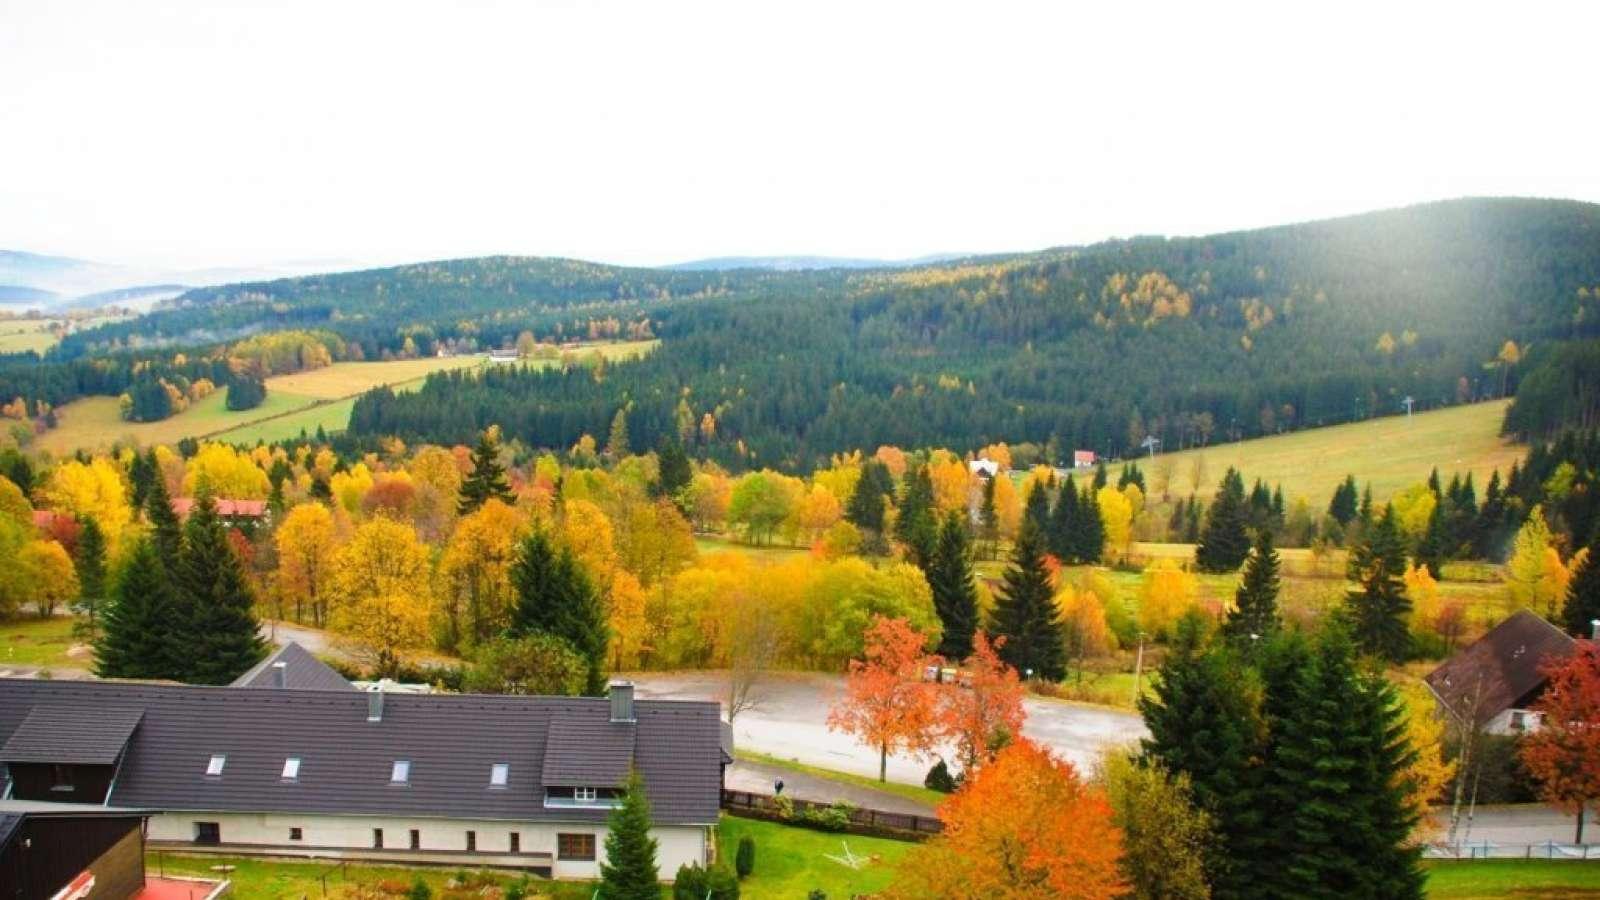 Podzimní výhled z hotelu Zadov